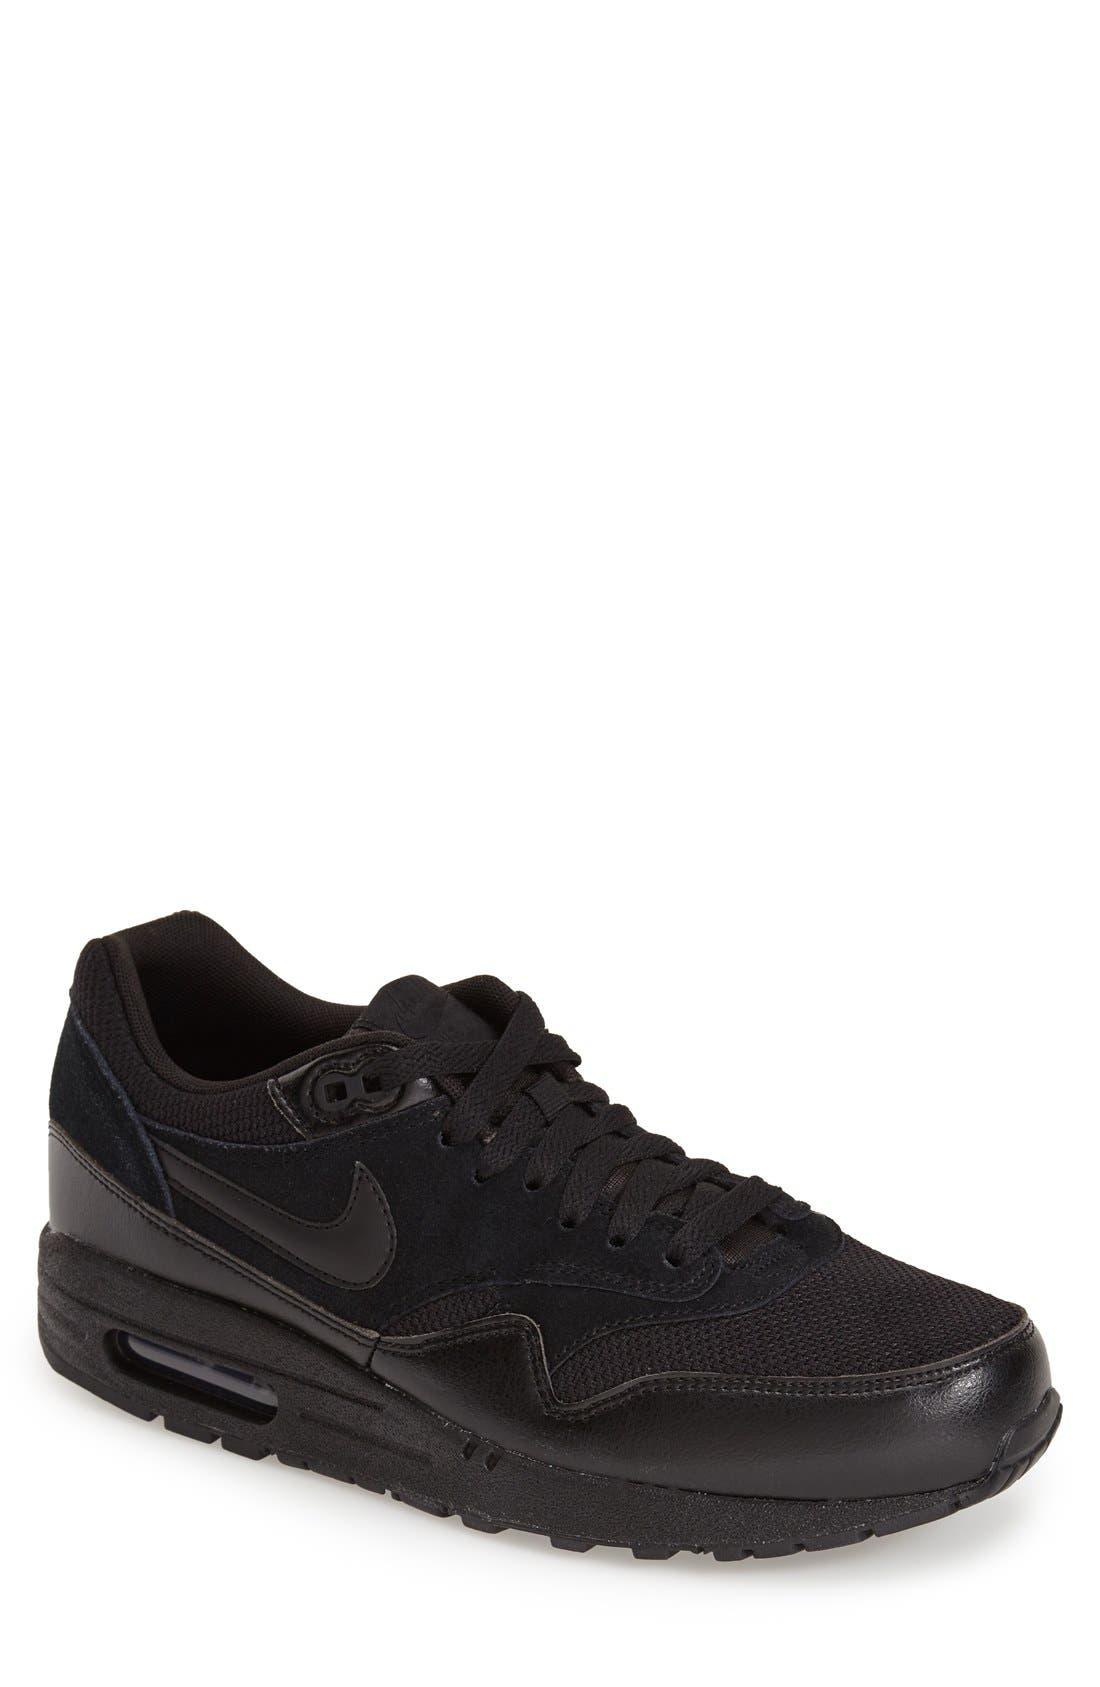 Main Image - Nike 'Air Max 1 Essential' Sneaker (Men)